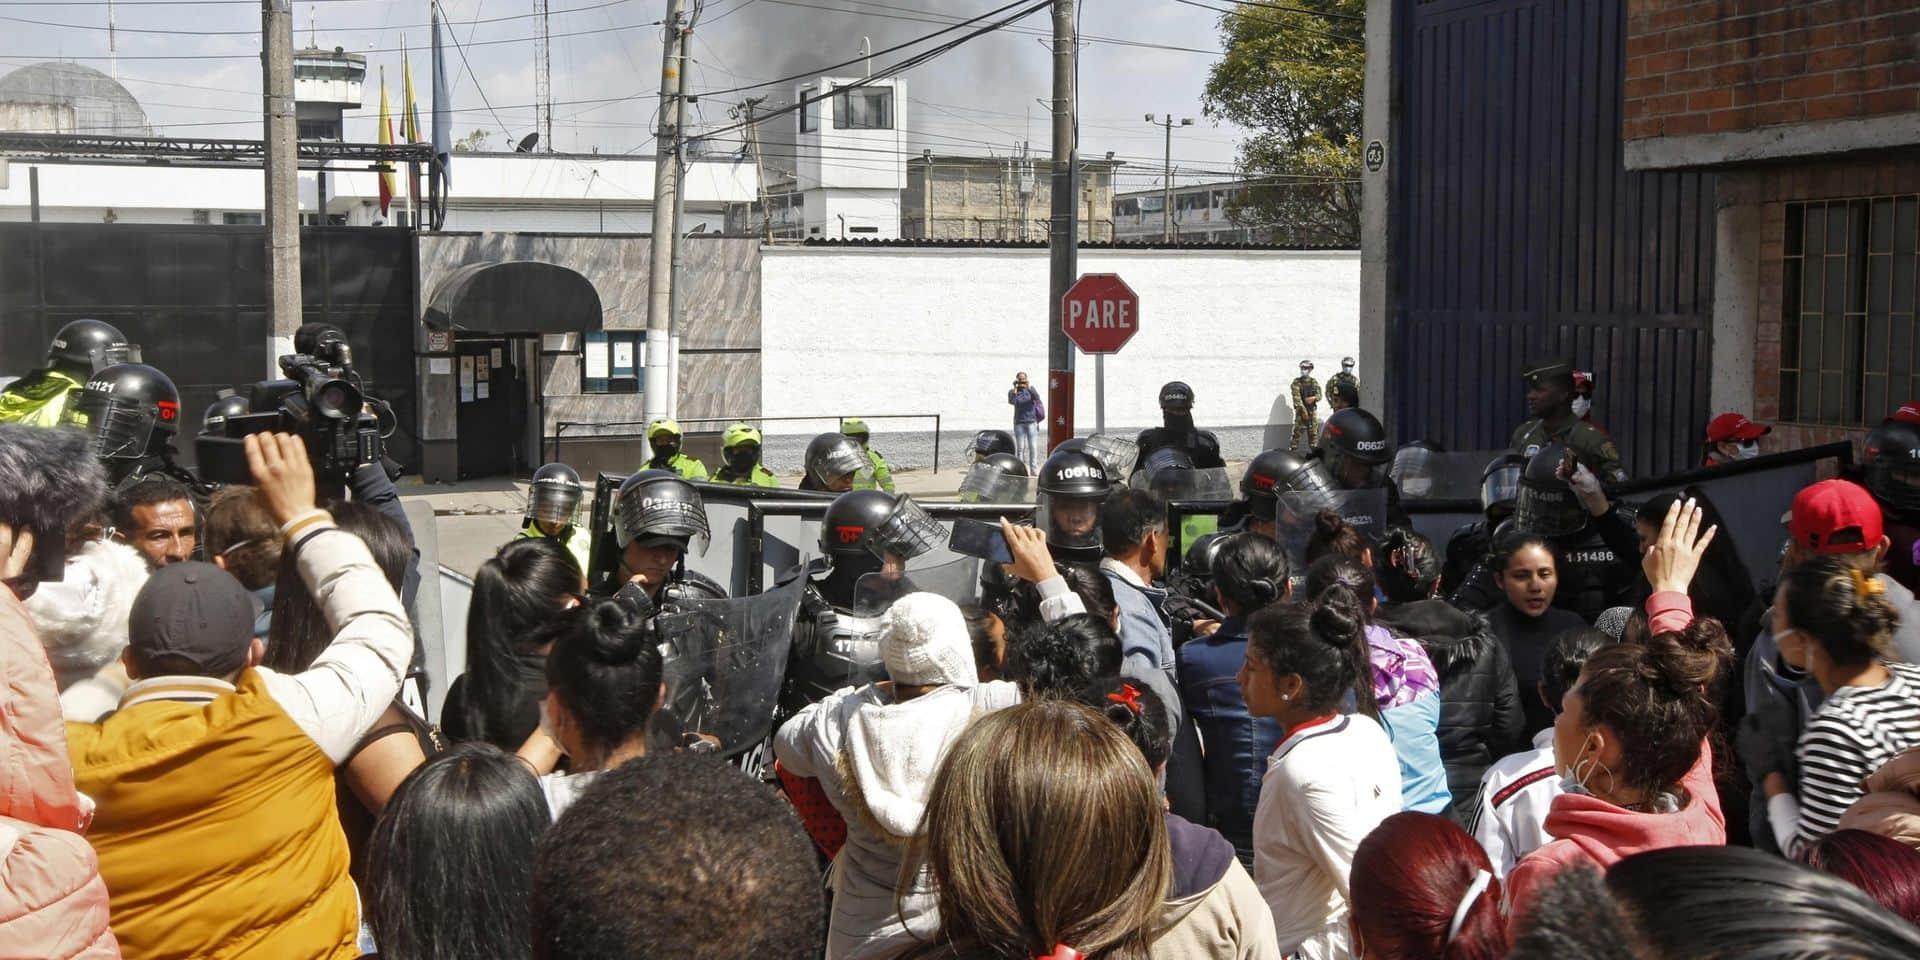 Une mutinuerie contre le confinement pour le Covid-19 fait 23 morts et 90 blessés dans une prison colombienne